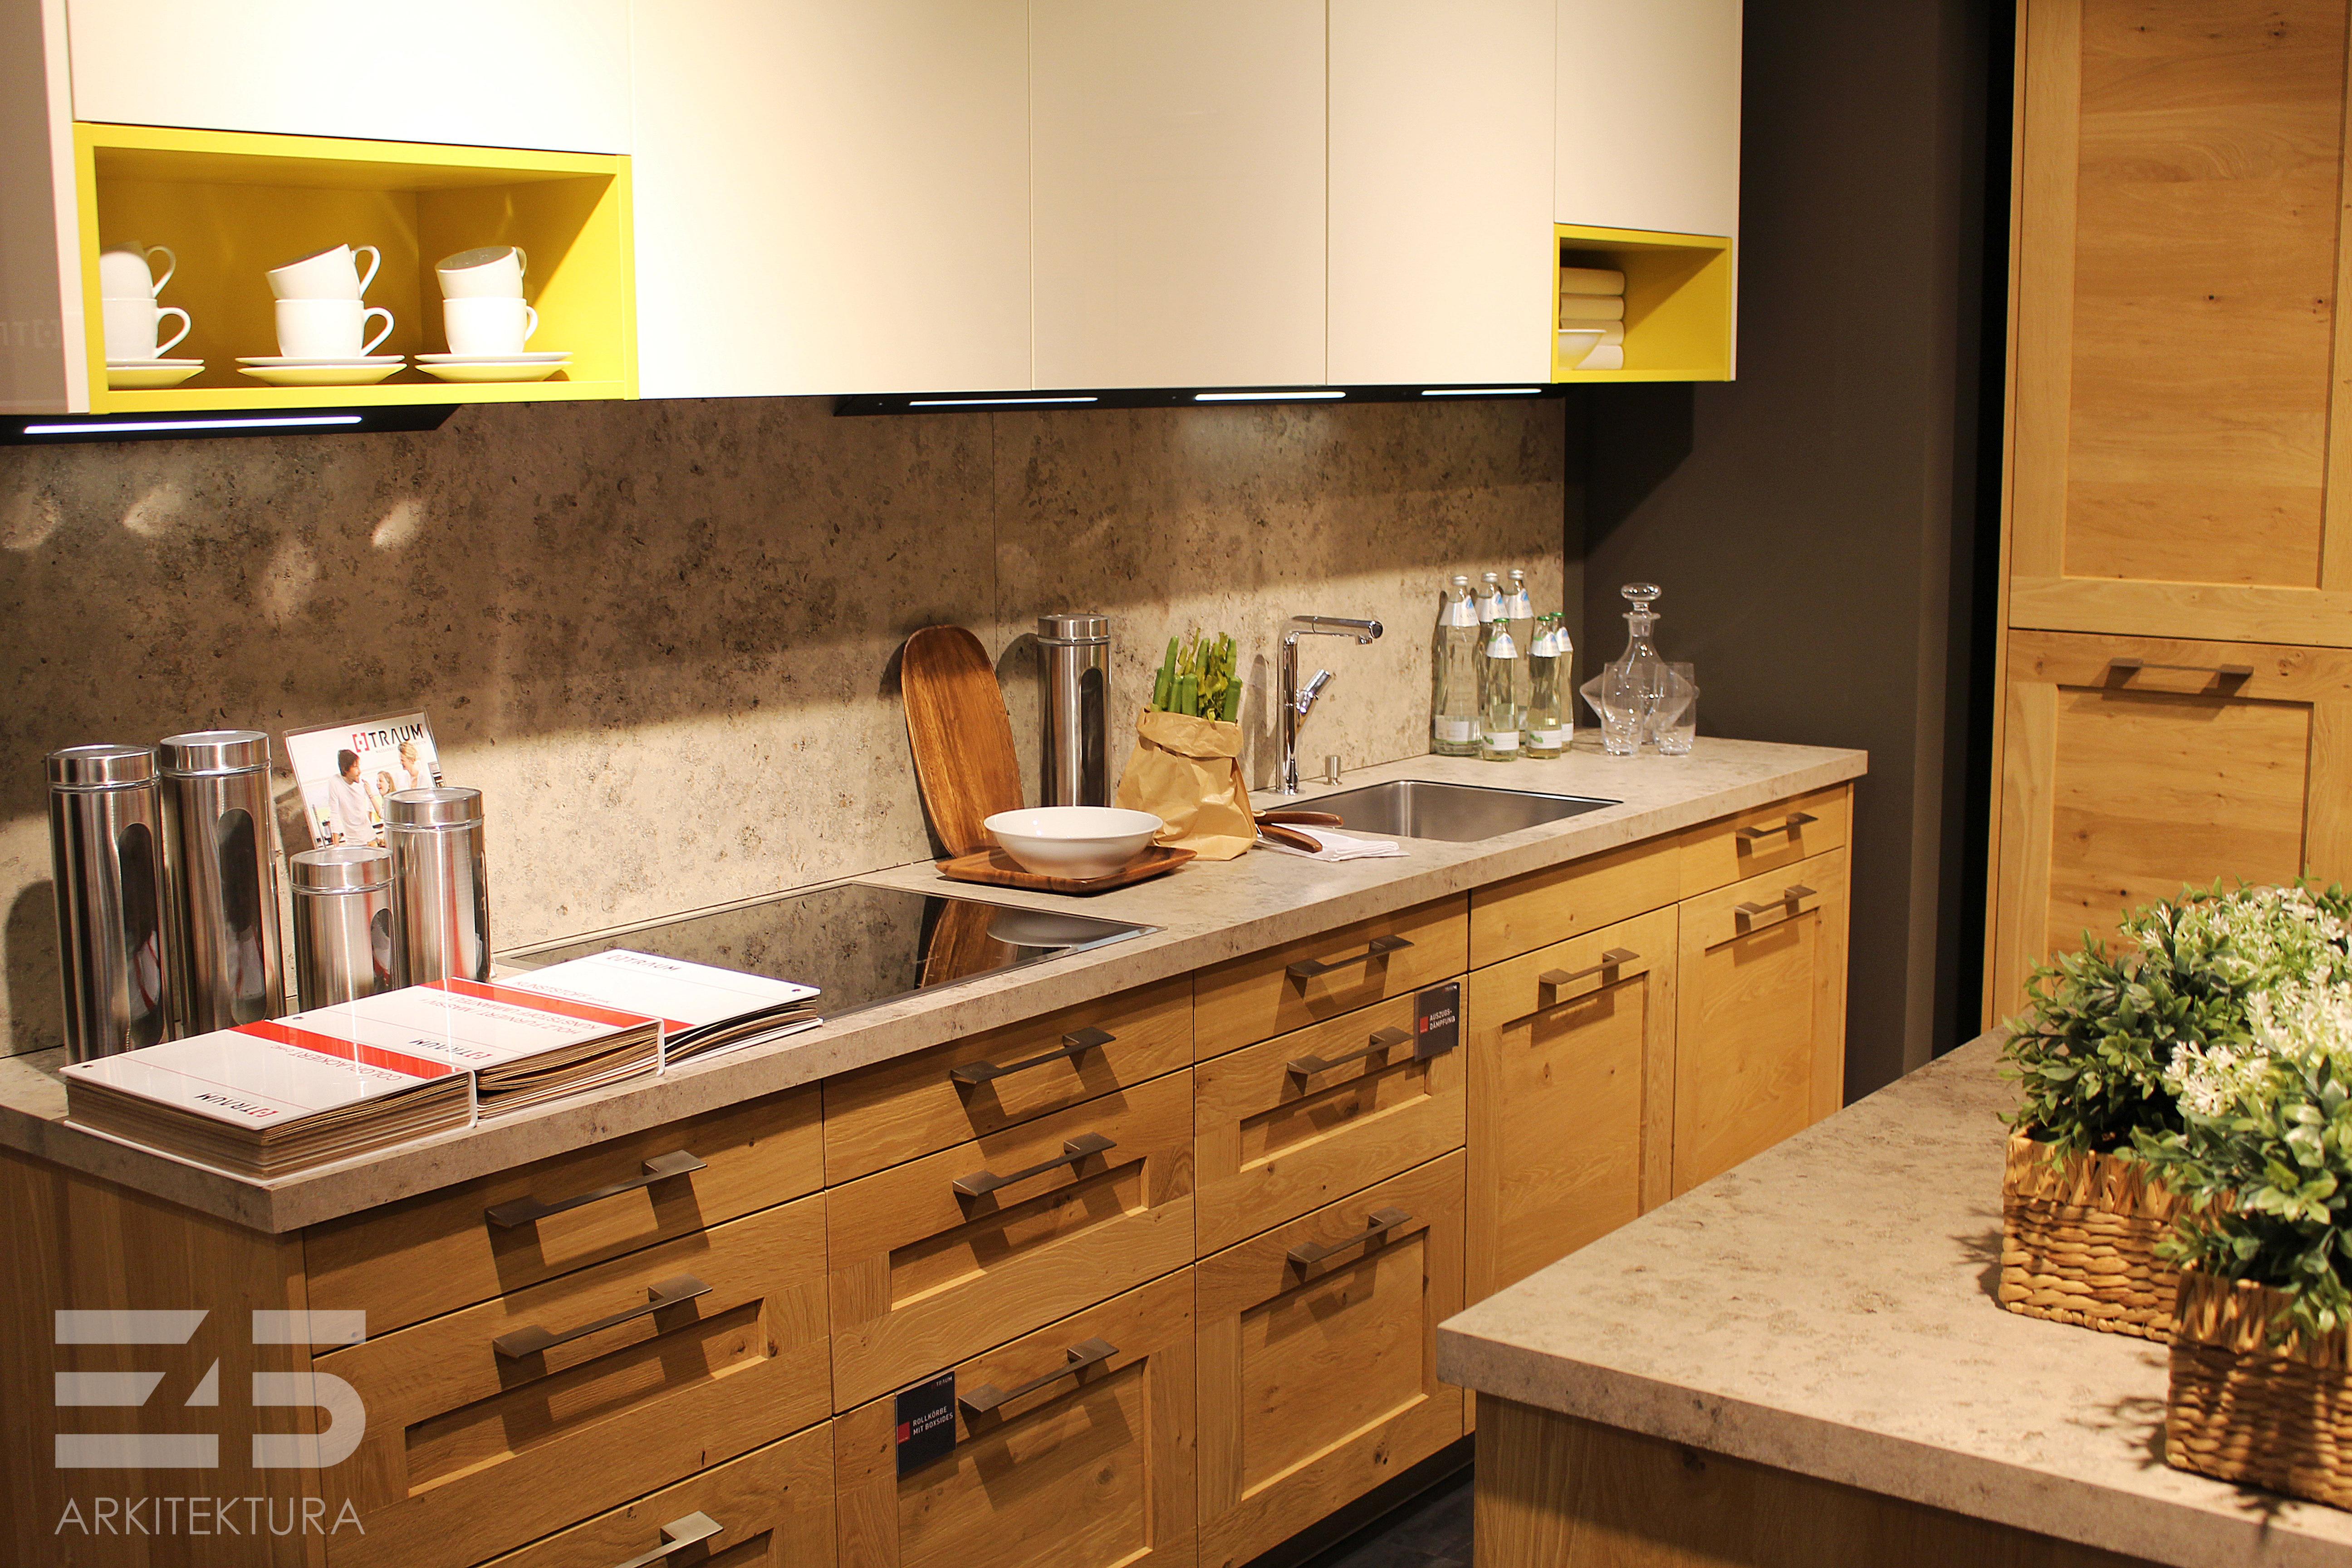 kitchen-728724